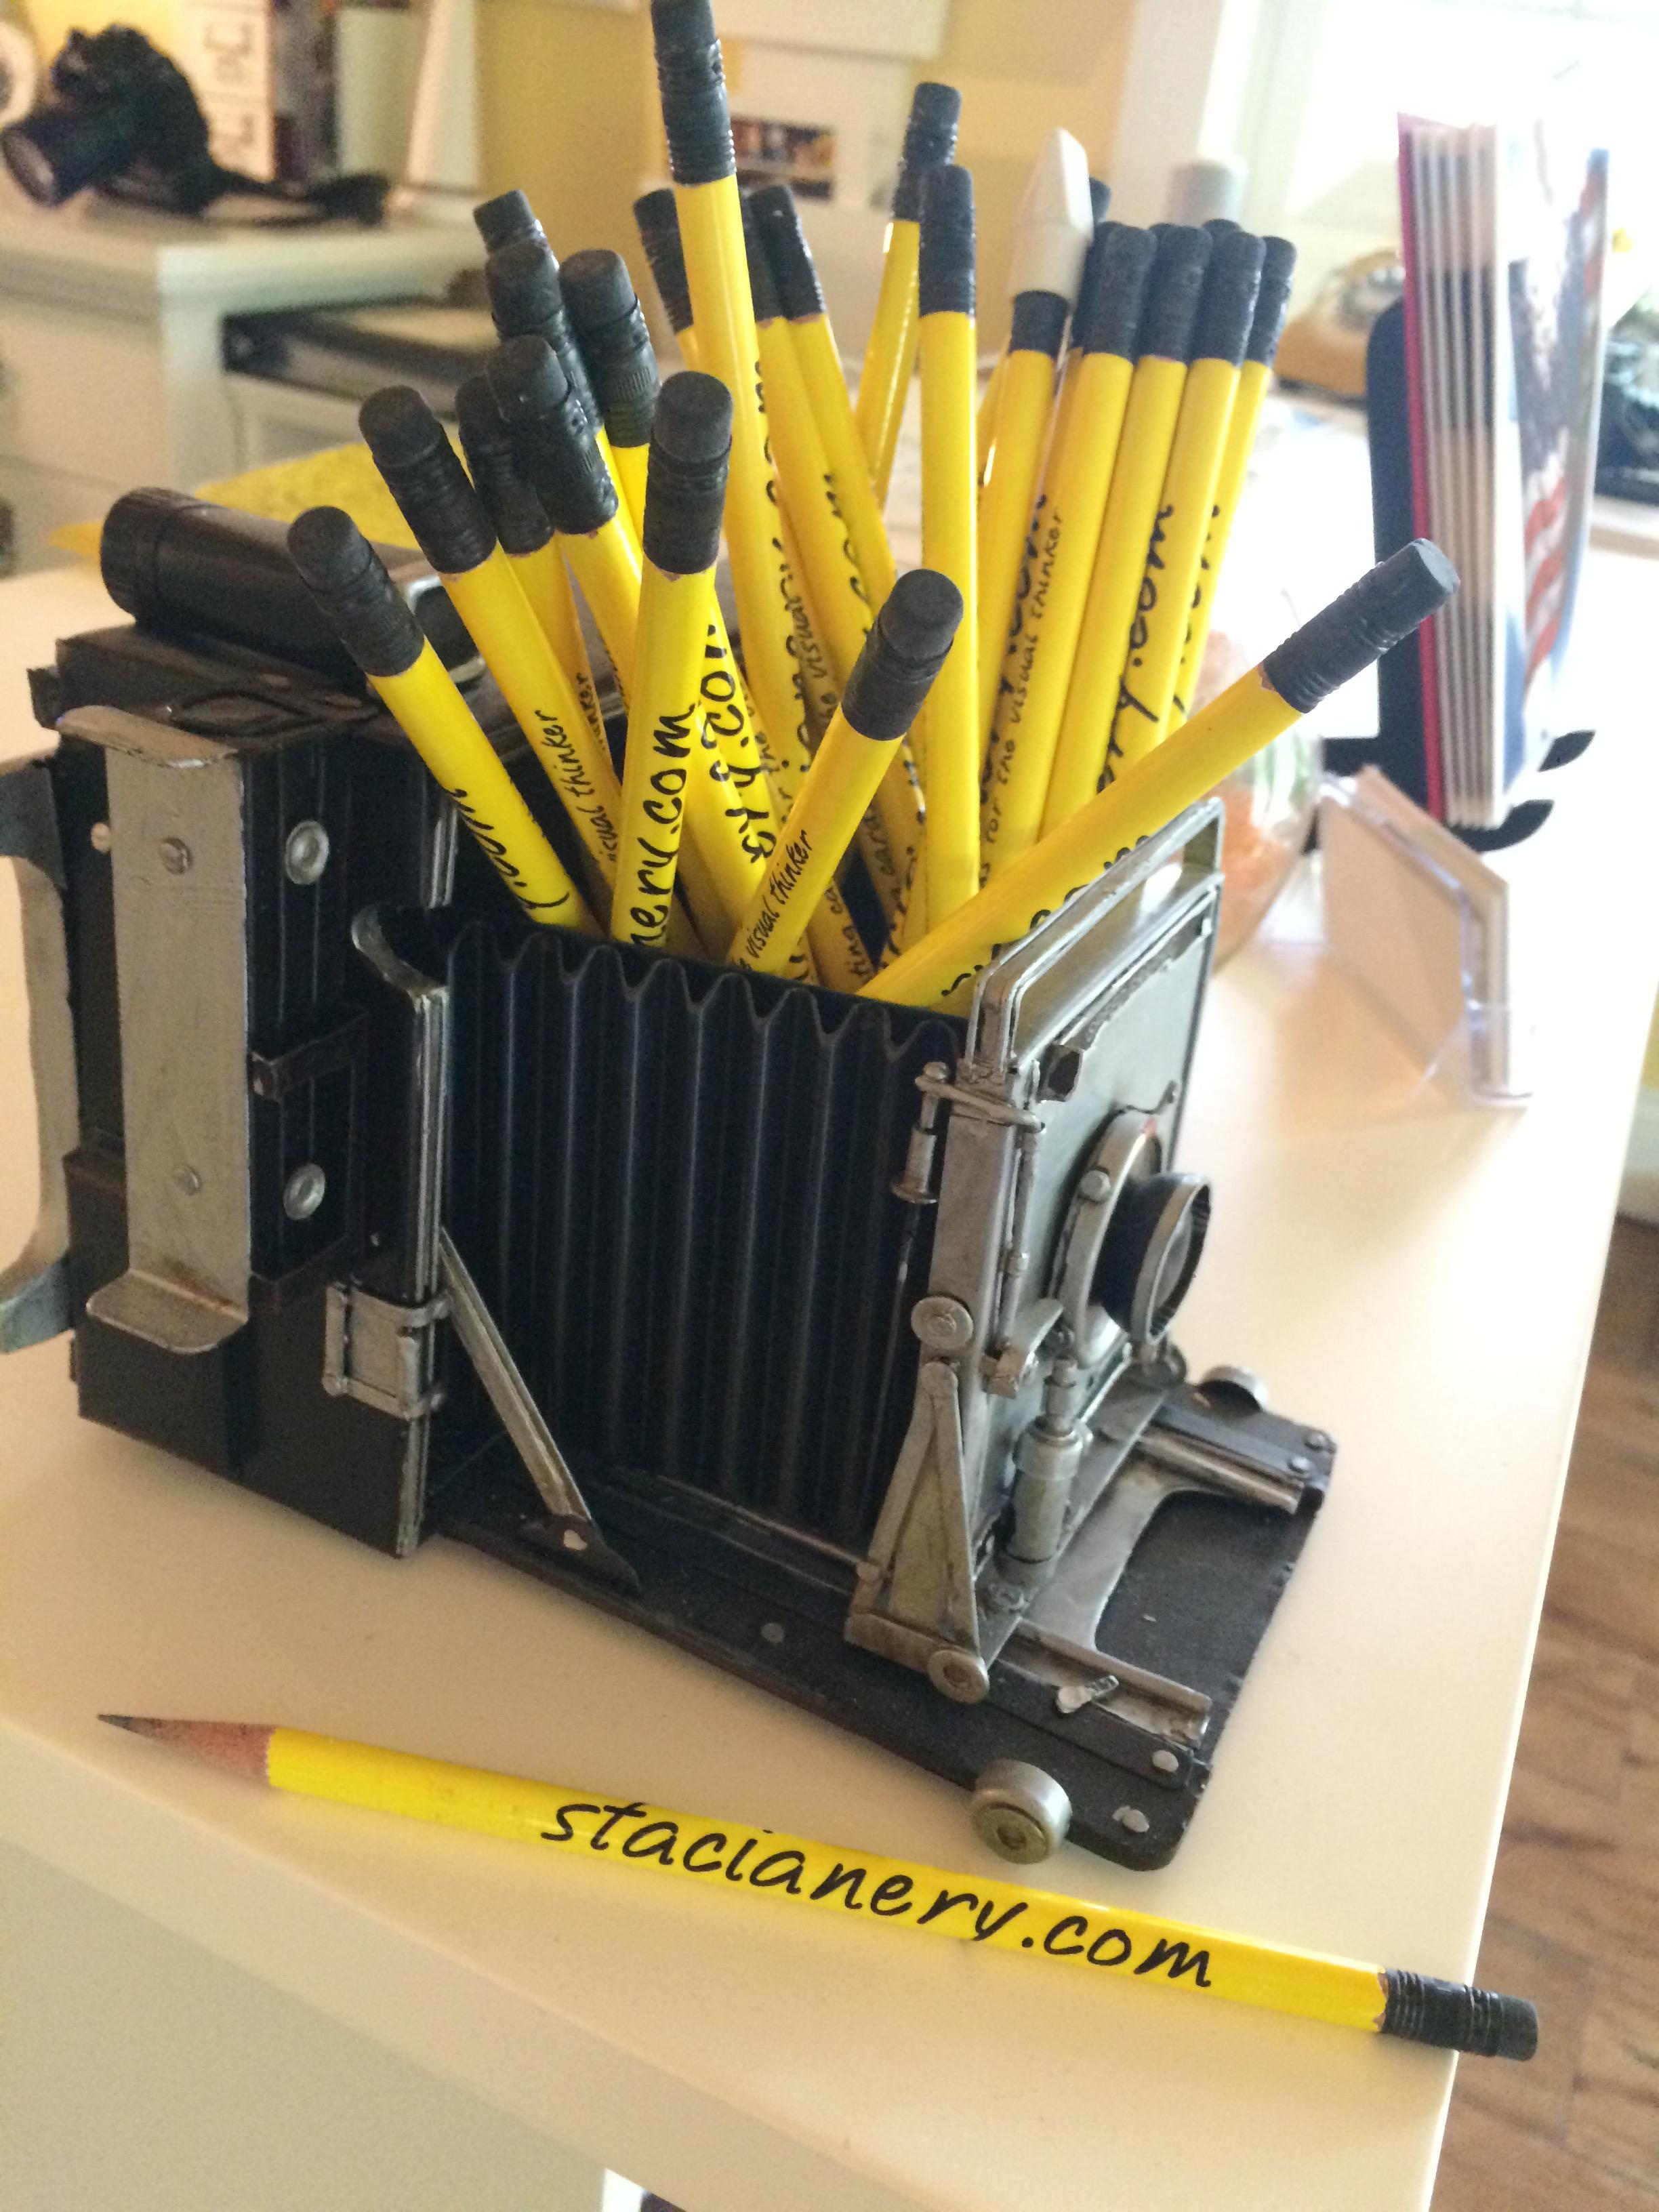 dot com pencils.JPG